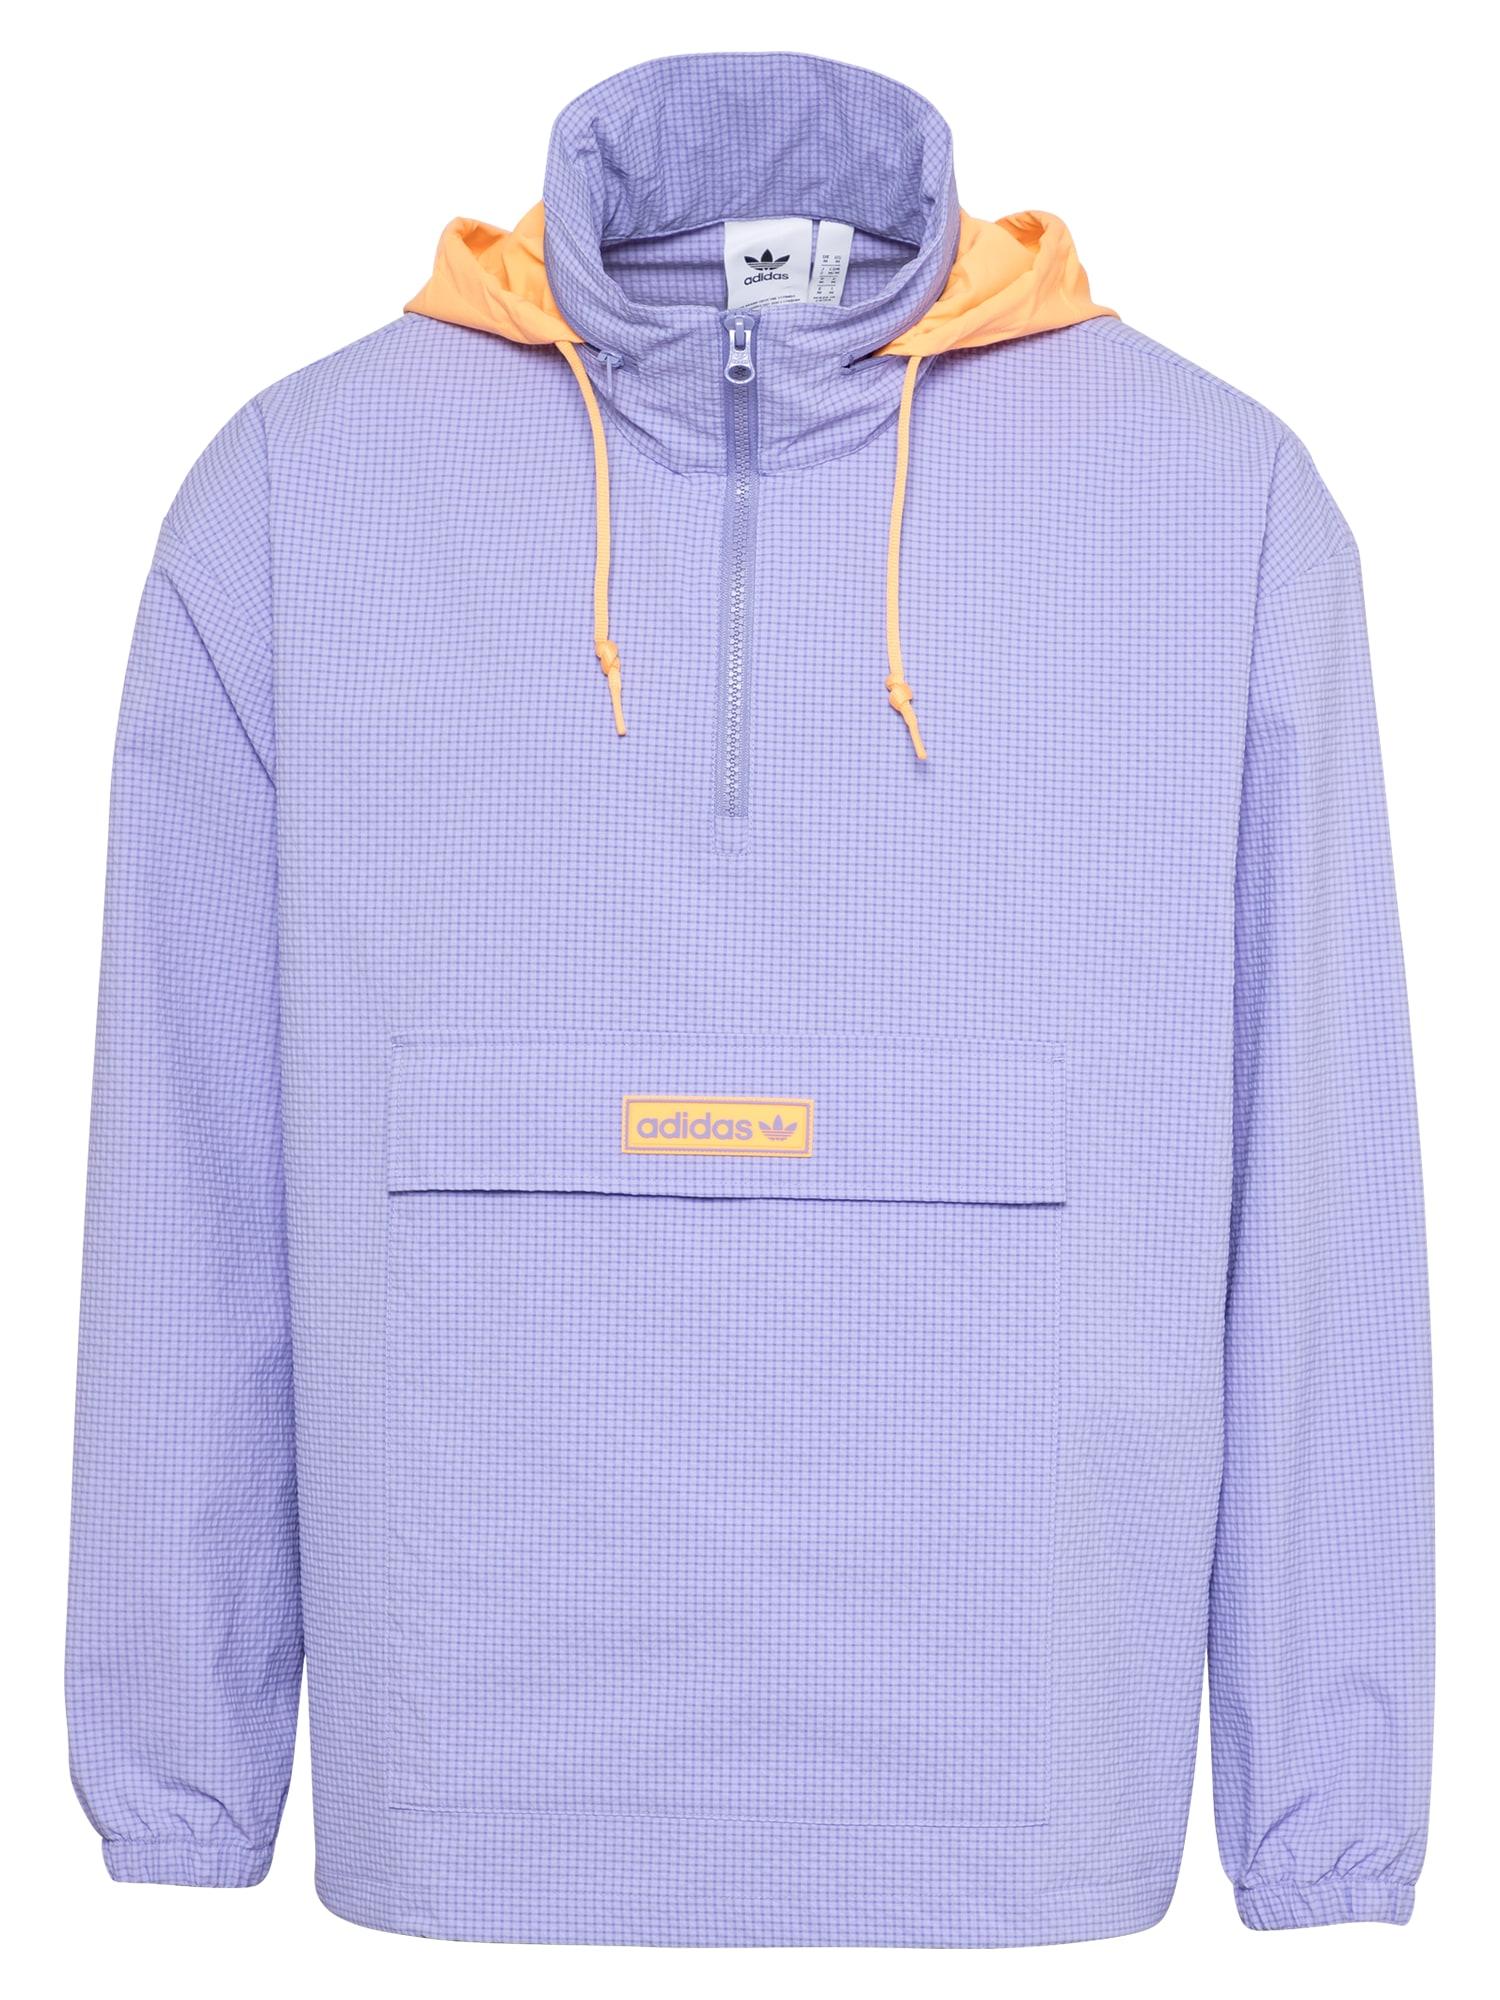 ADIDAS ORIGINALS Demisezoninė striukė purpurinė / abrikosų spalva